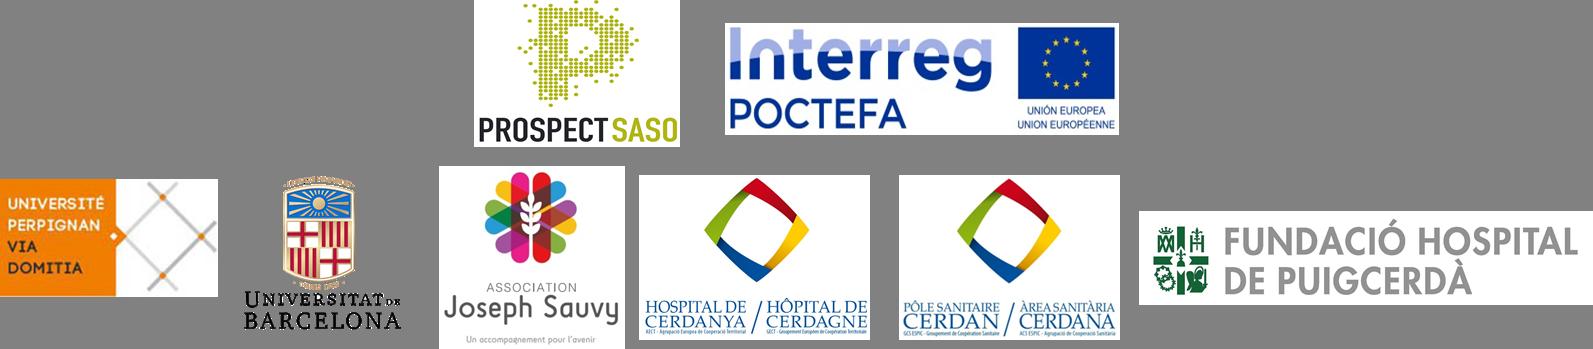 Amb la col·laboració de l'ARS Occitanie, el CatSalut i l'Ajuntament de Puigcerdà    /   Avec la colaboration de l'ARS Occitanie, le CatSalut et la mairie de Puigcerdà